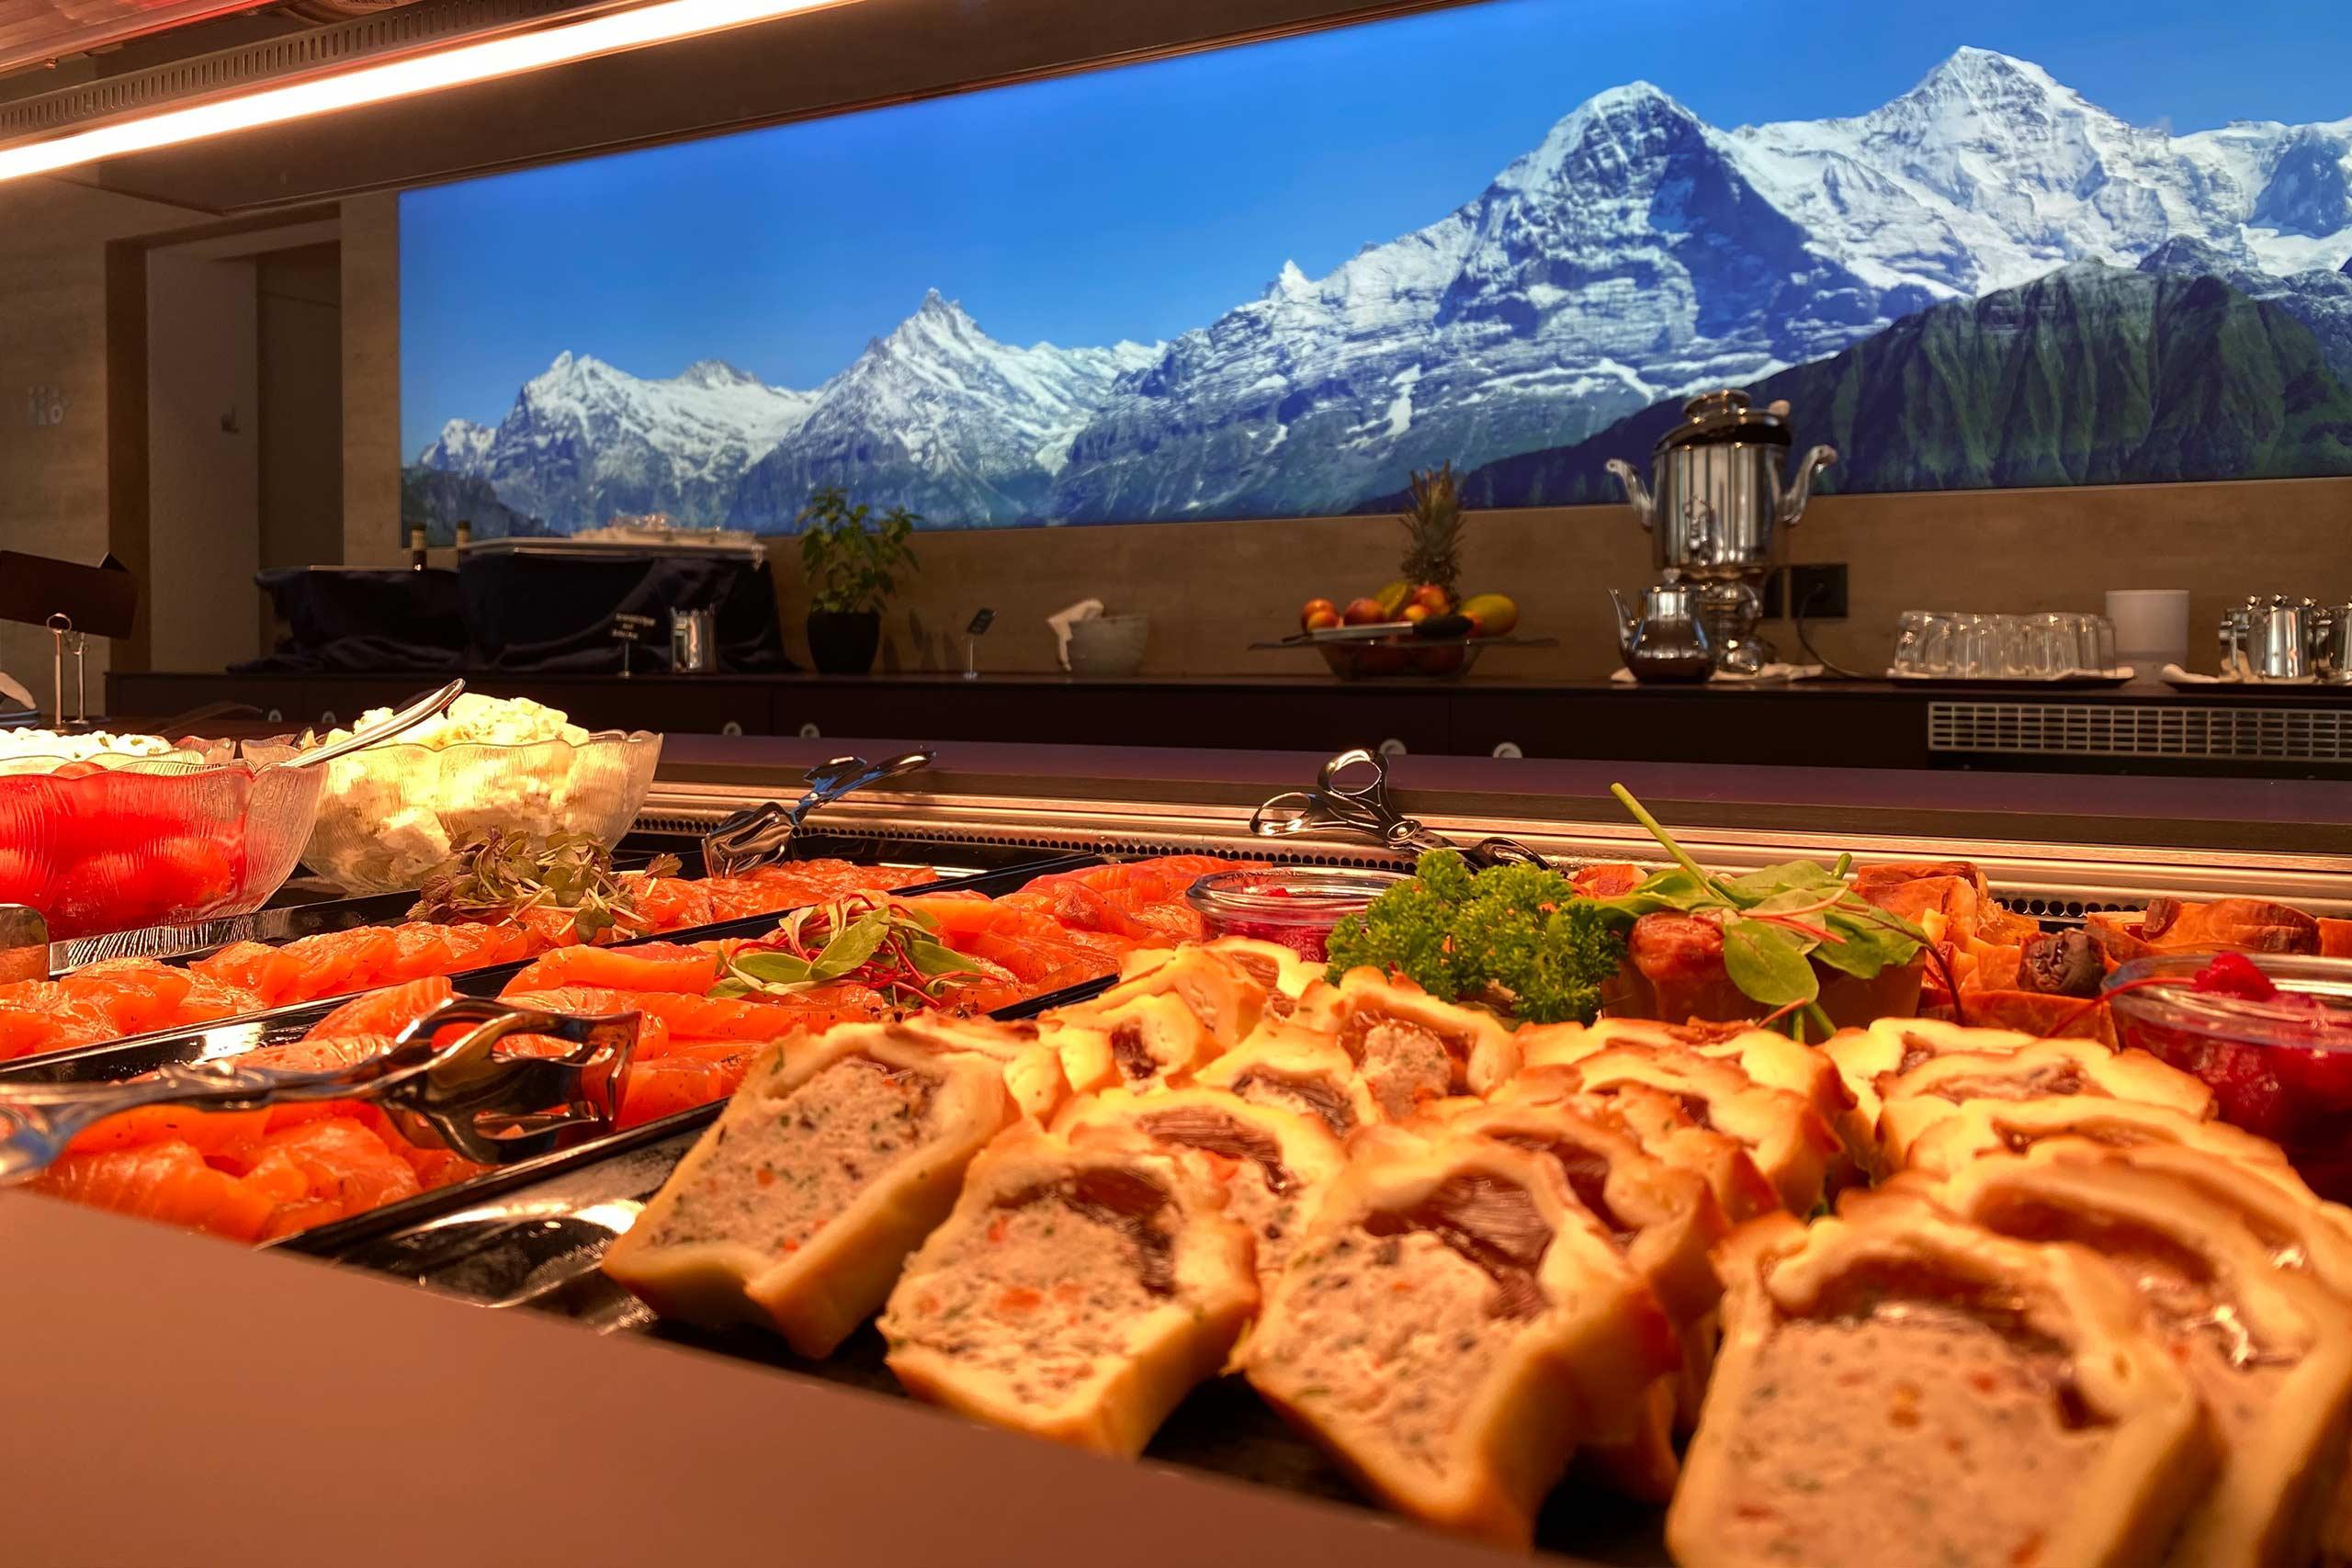 hotel-seaside-abz-buffet.jpg